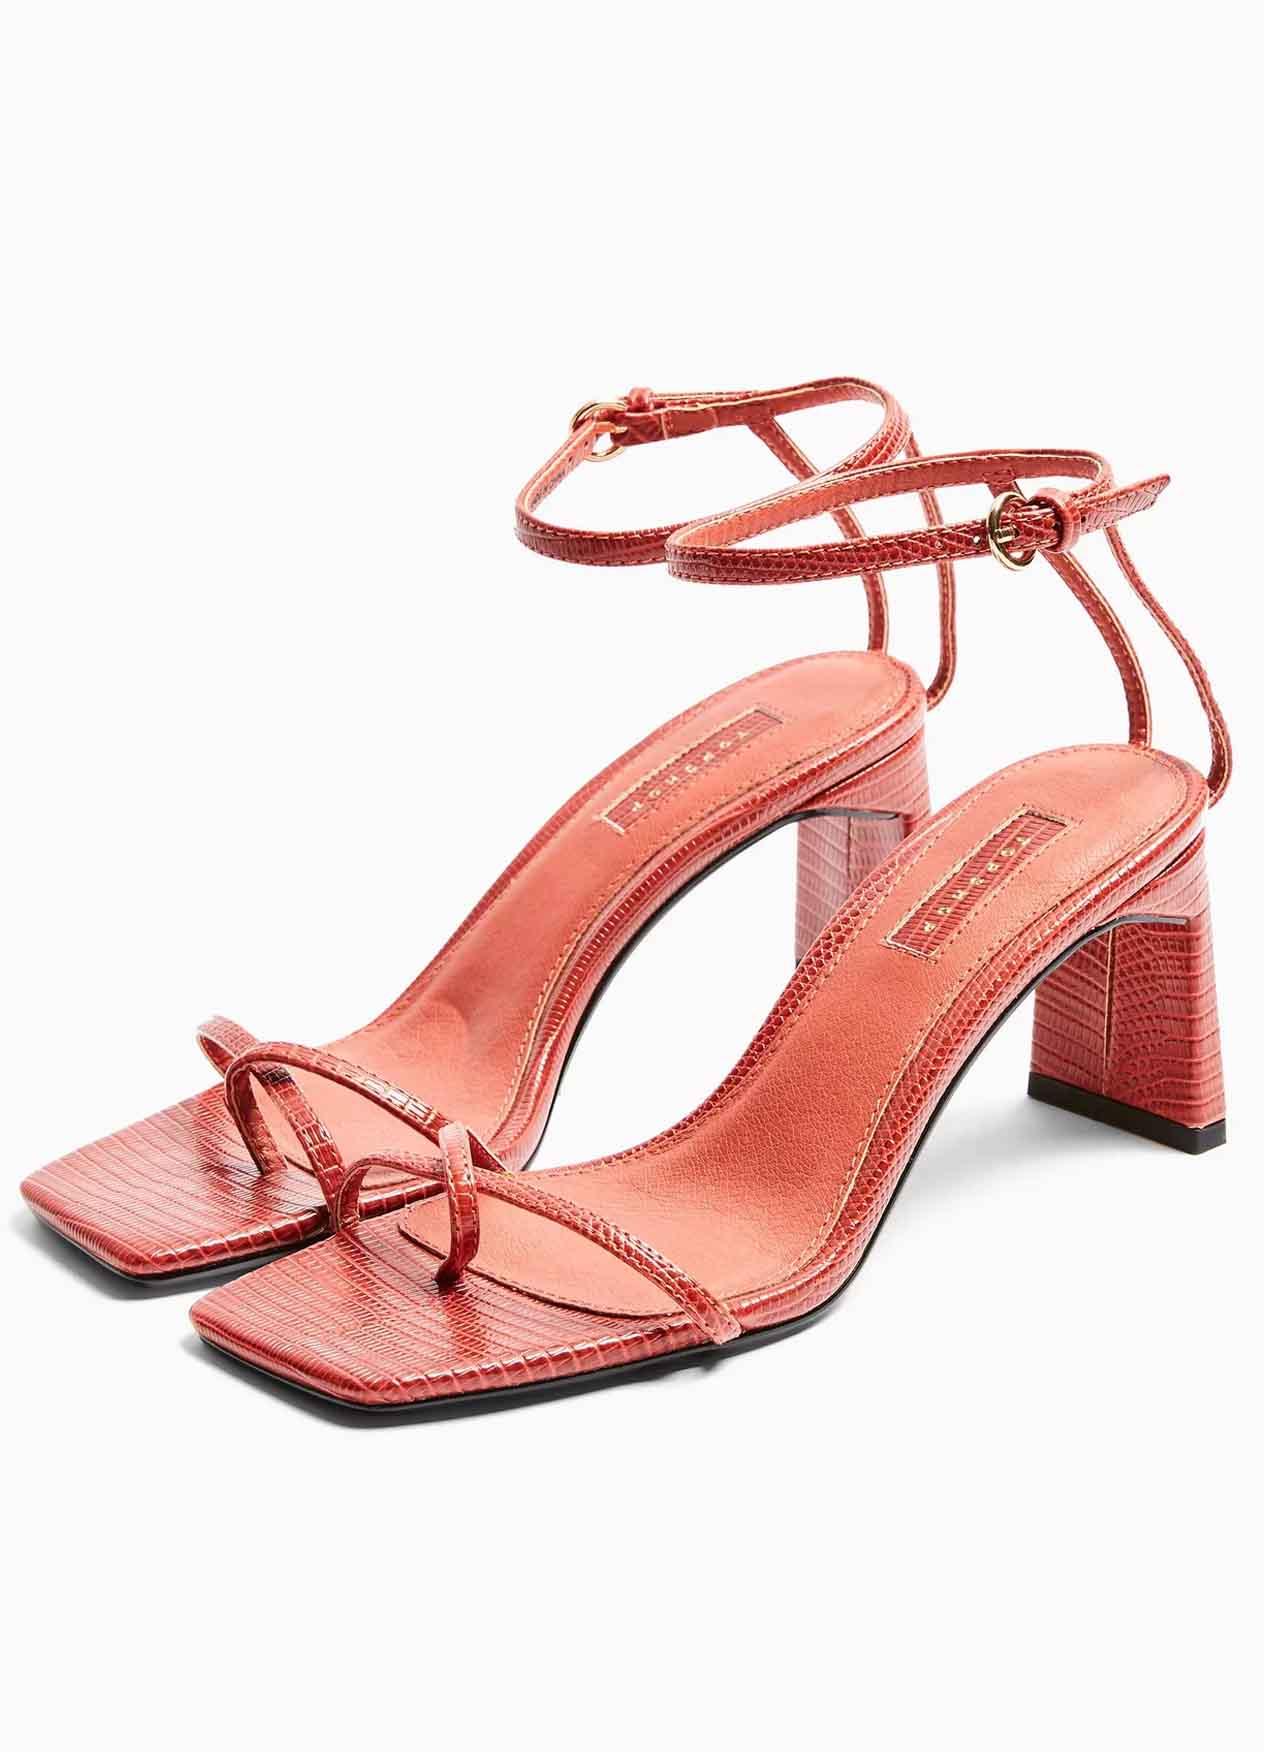 sandals topshop